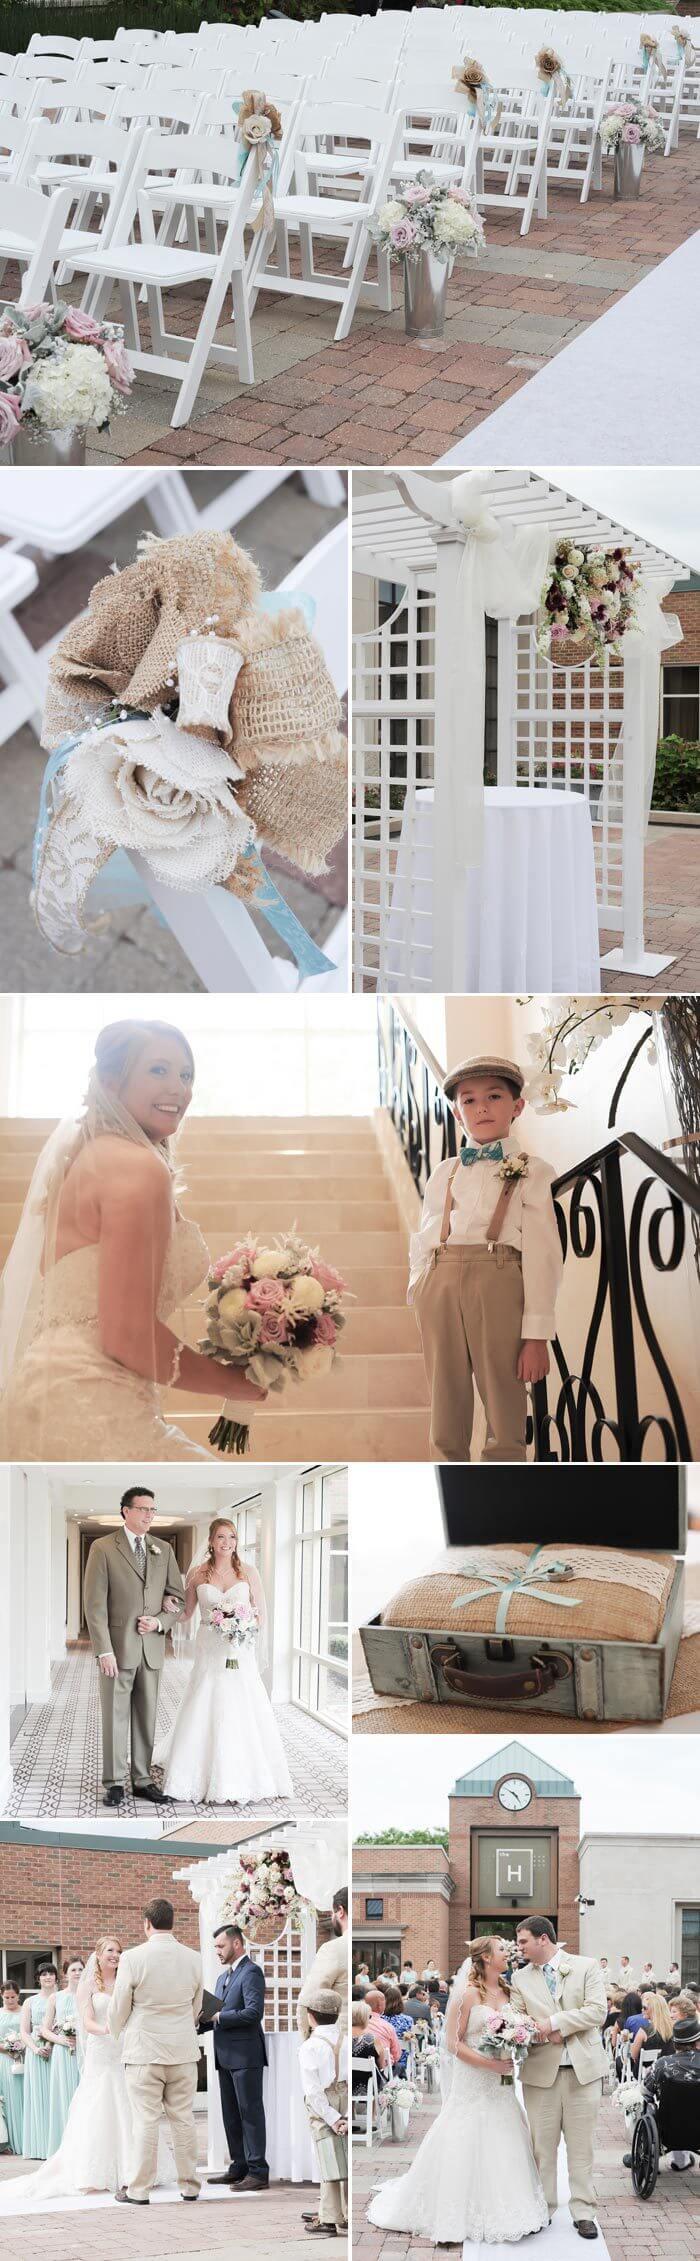 Hochzeit im Vintage Stil